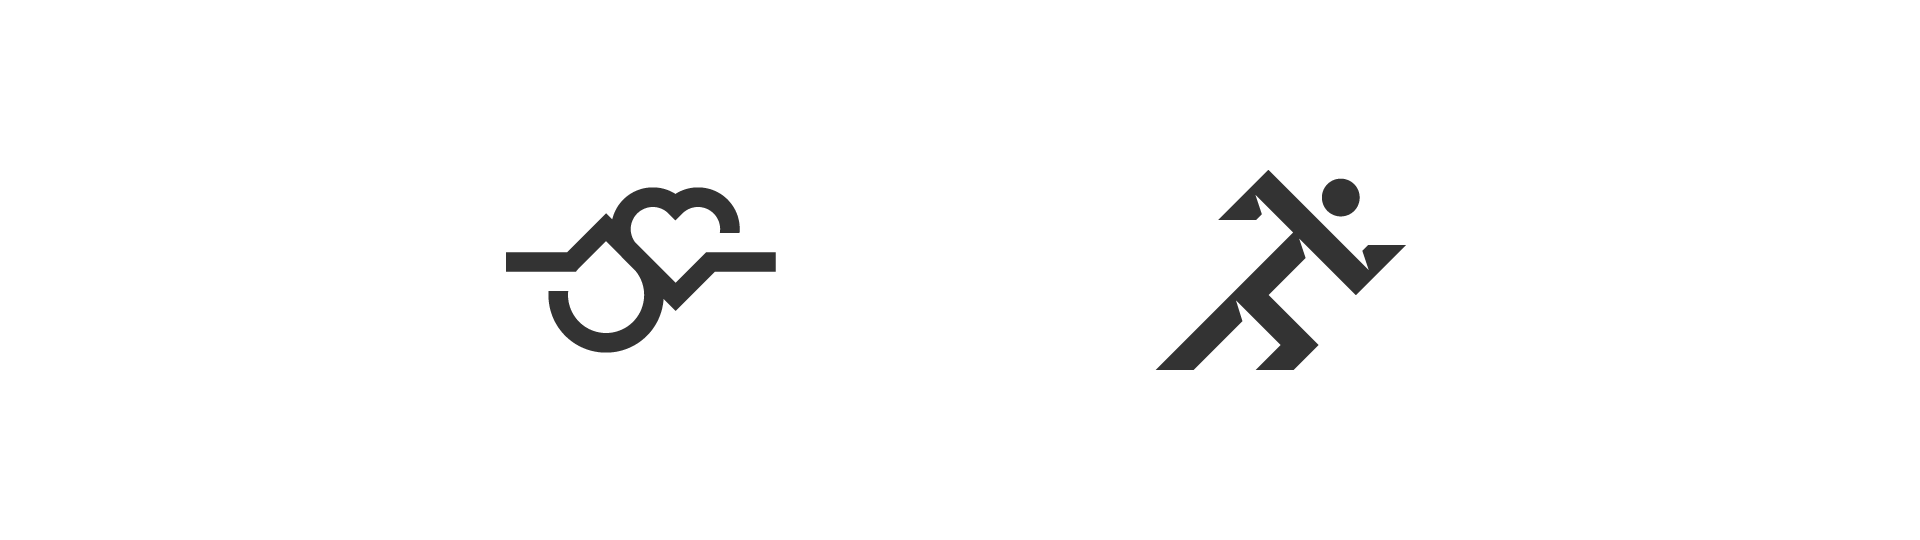 Exercise_Icon-Choice-1